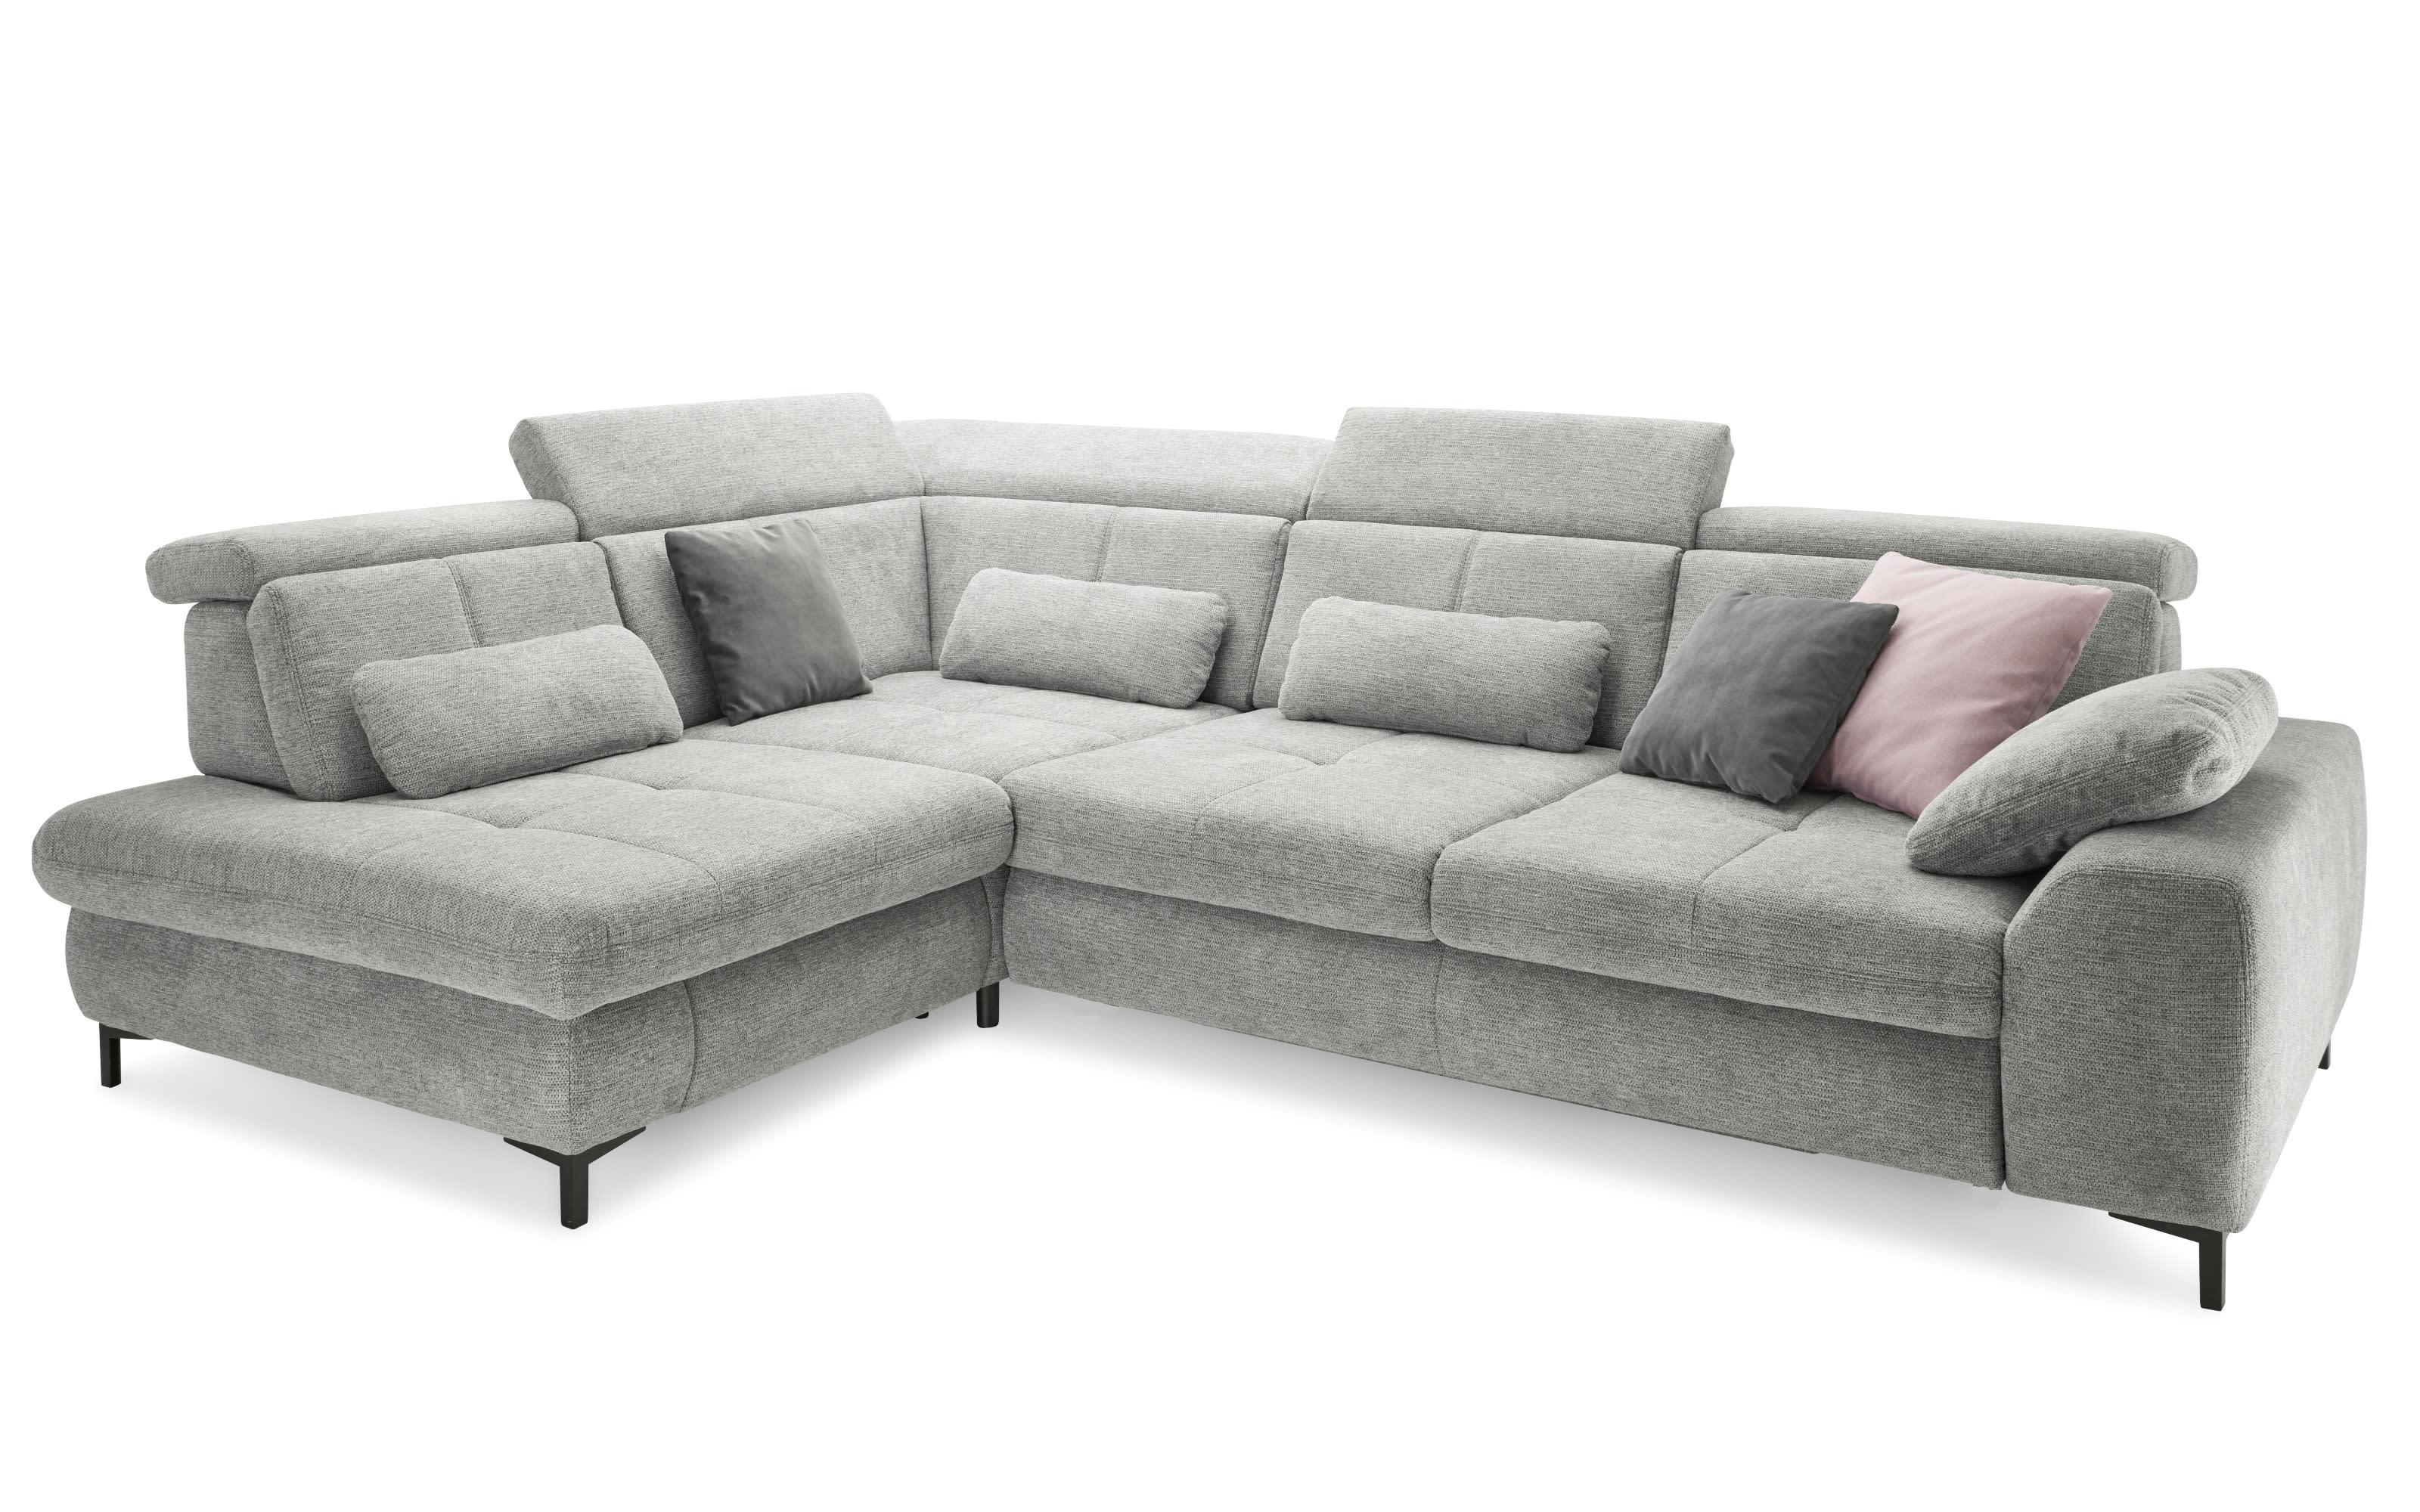 Wohnlandschaft SO 3400 in grey, inklusive Sitztiefenverstellung